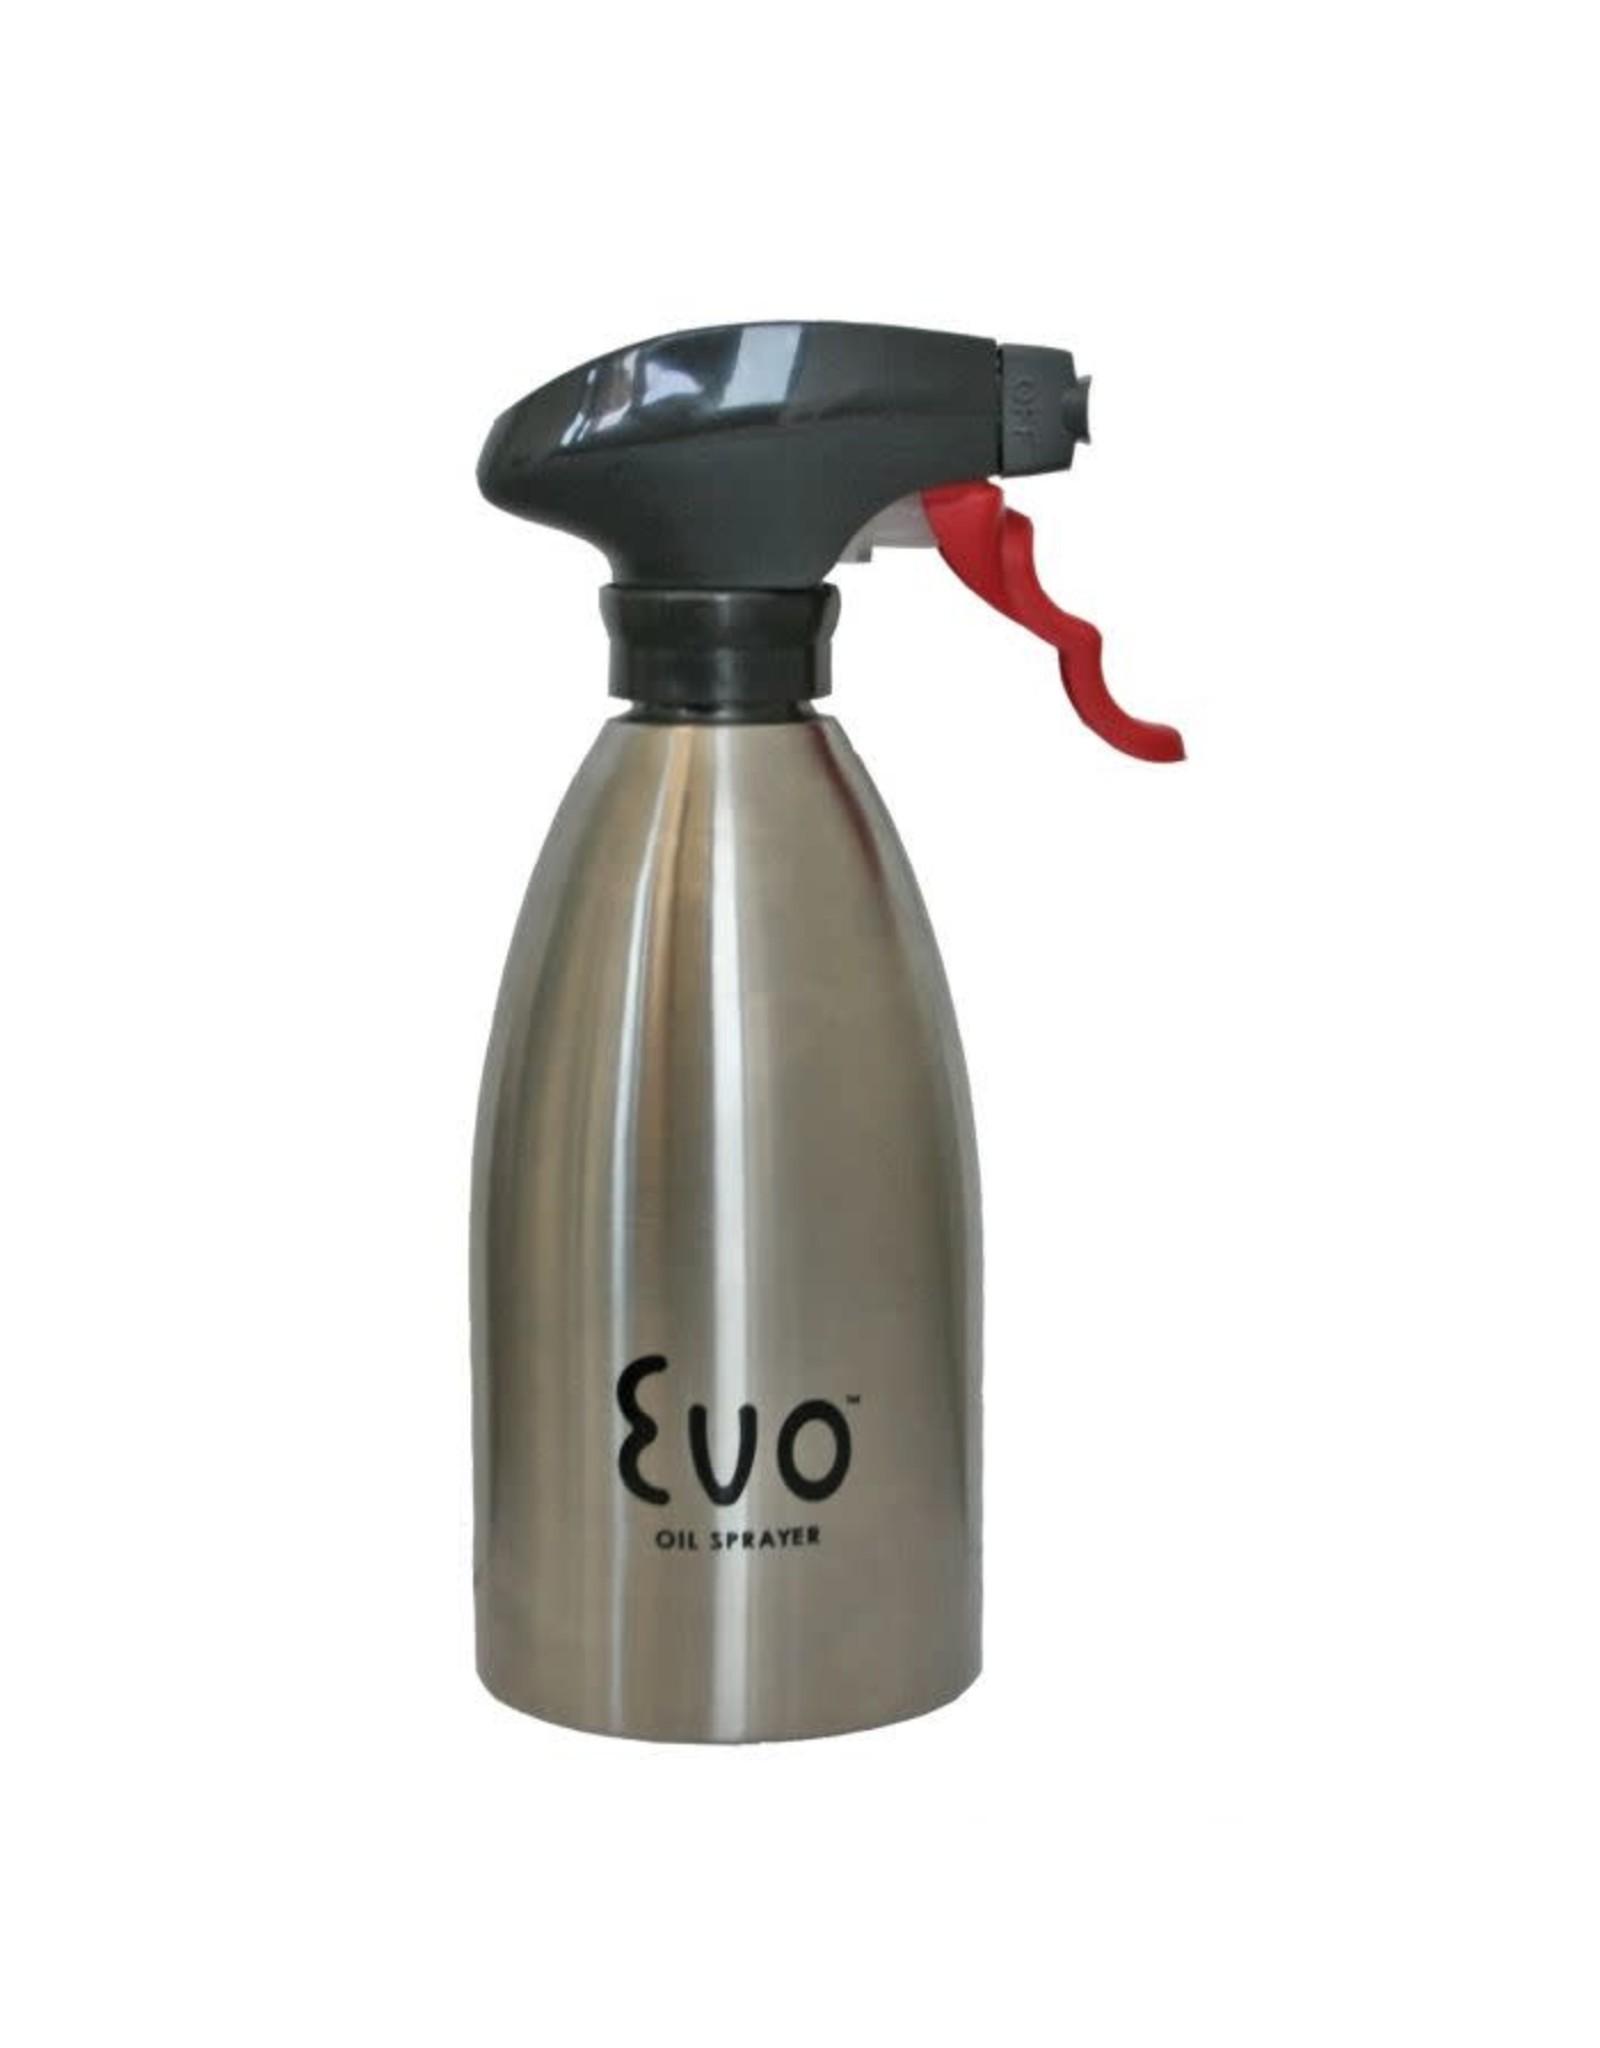 SS Evo Oil Sprayer, 16oz